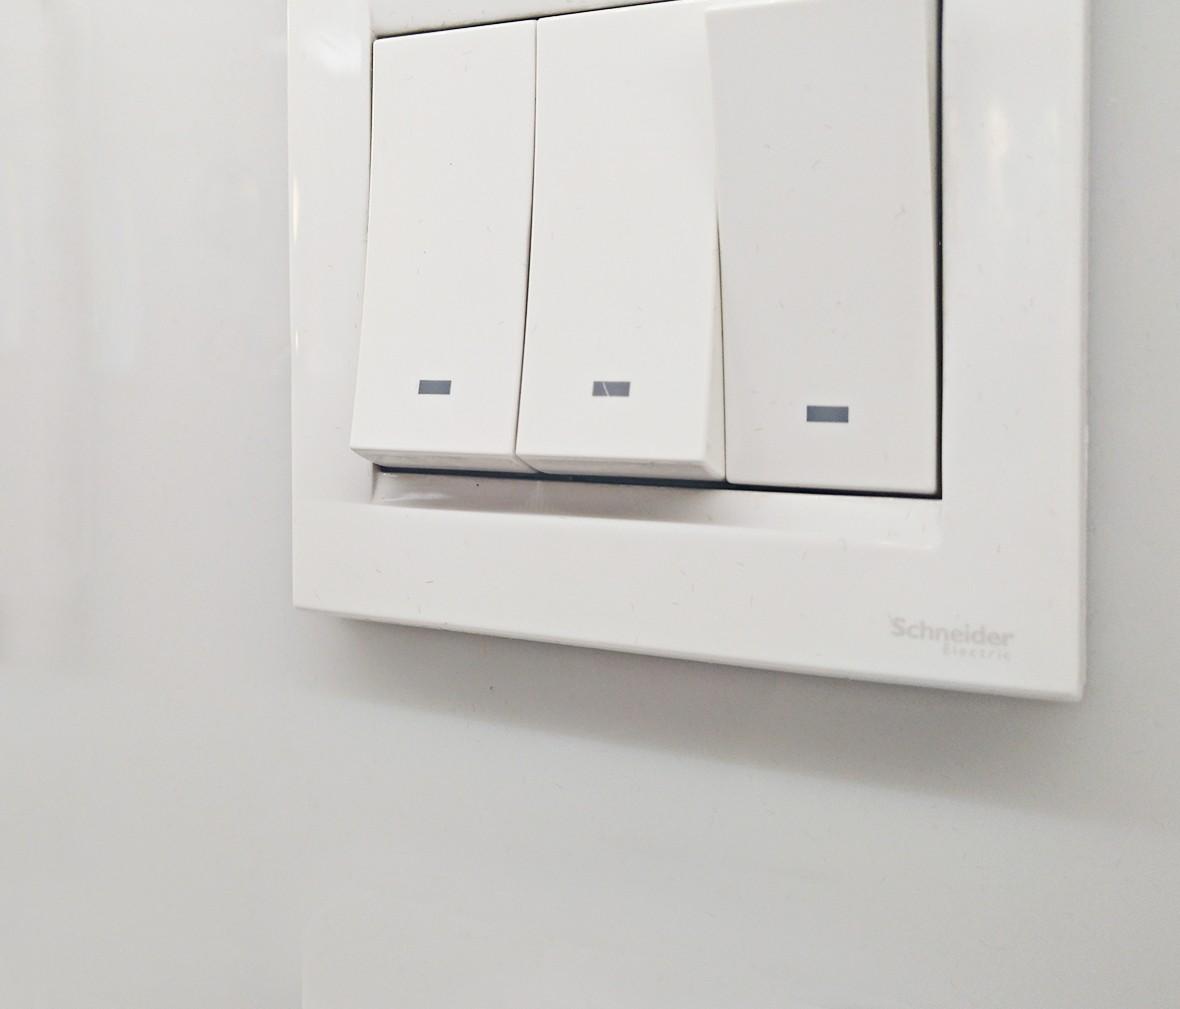 施耐德 如意系列 三开开关 PC材质 耐高温 防漏电 安全开关